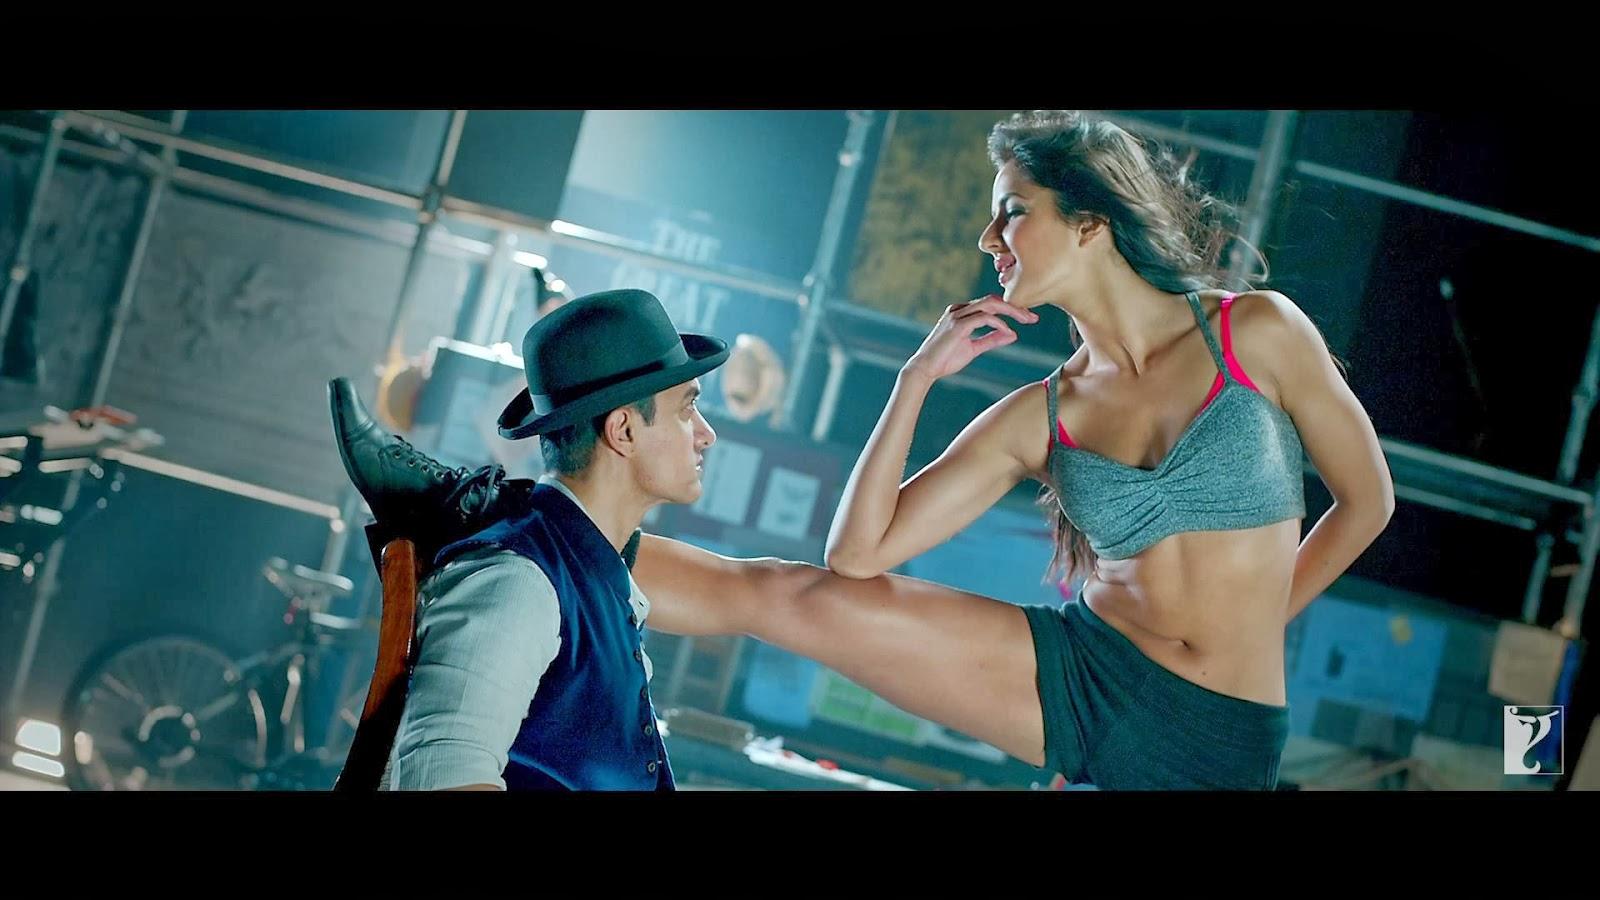 kamli full video song download dhoom 3 movie hd songs pk